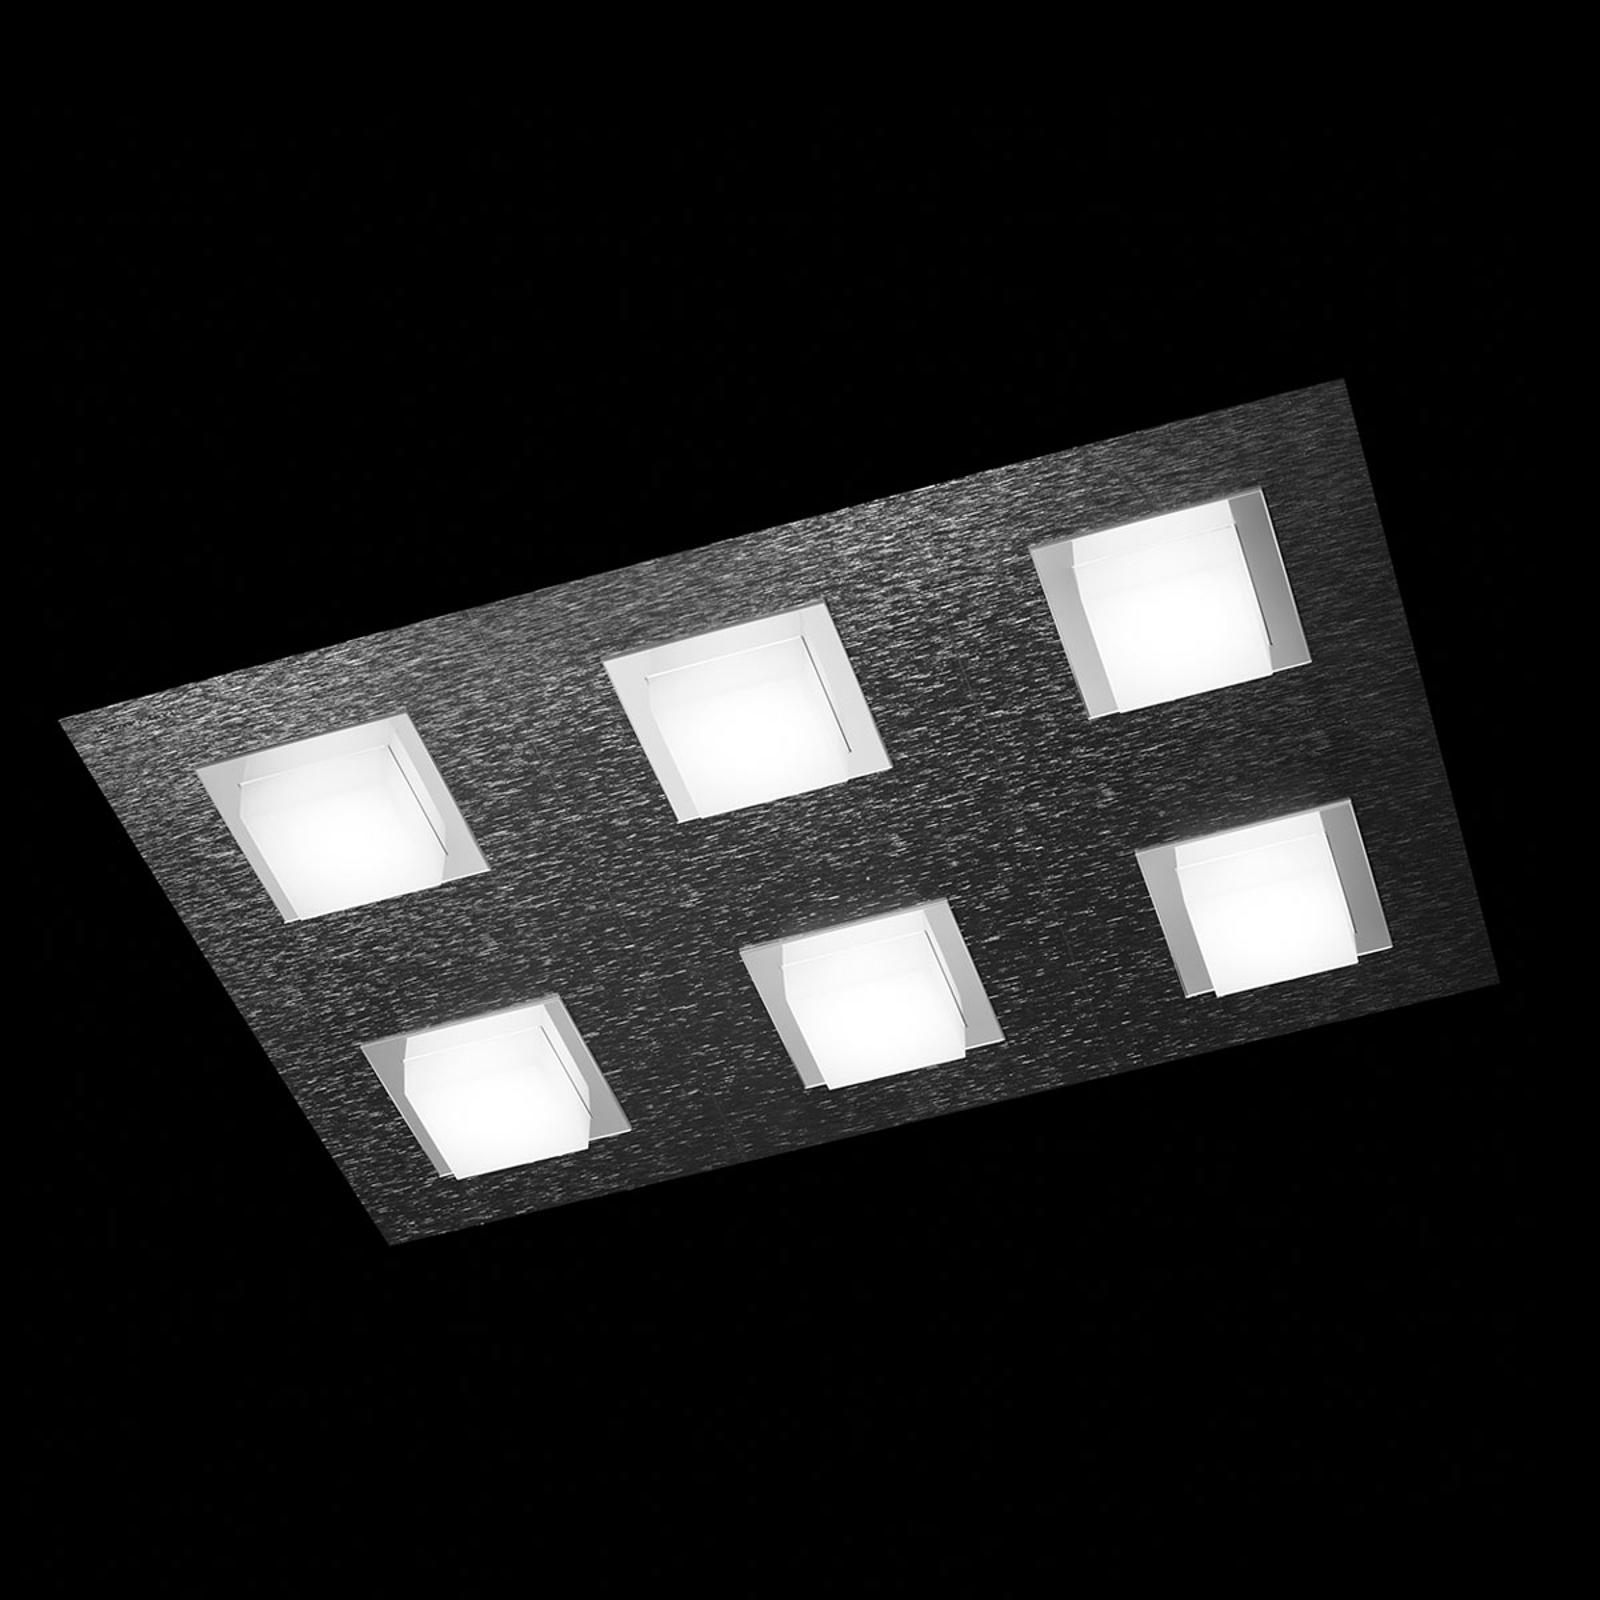 GROSSMANN Basic LED-Deckenleuchte 6flg., anthrazit